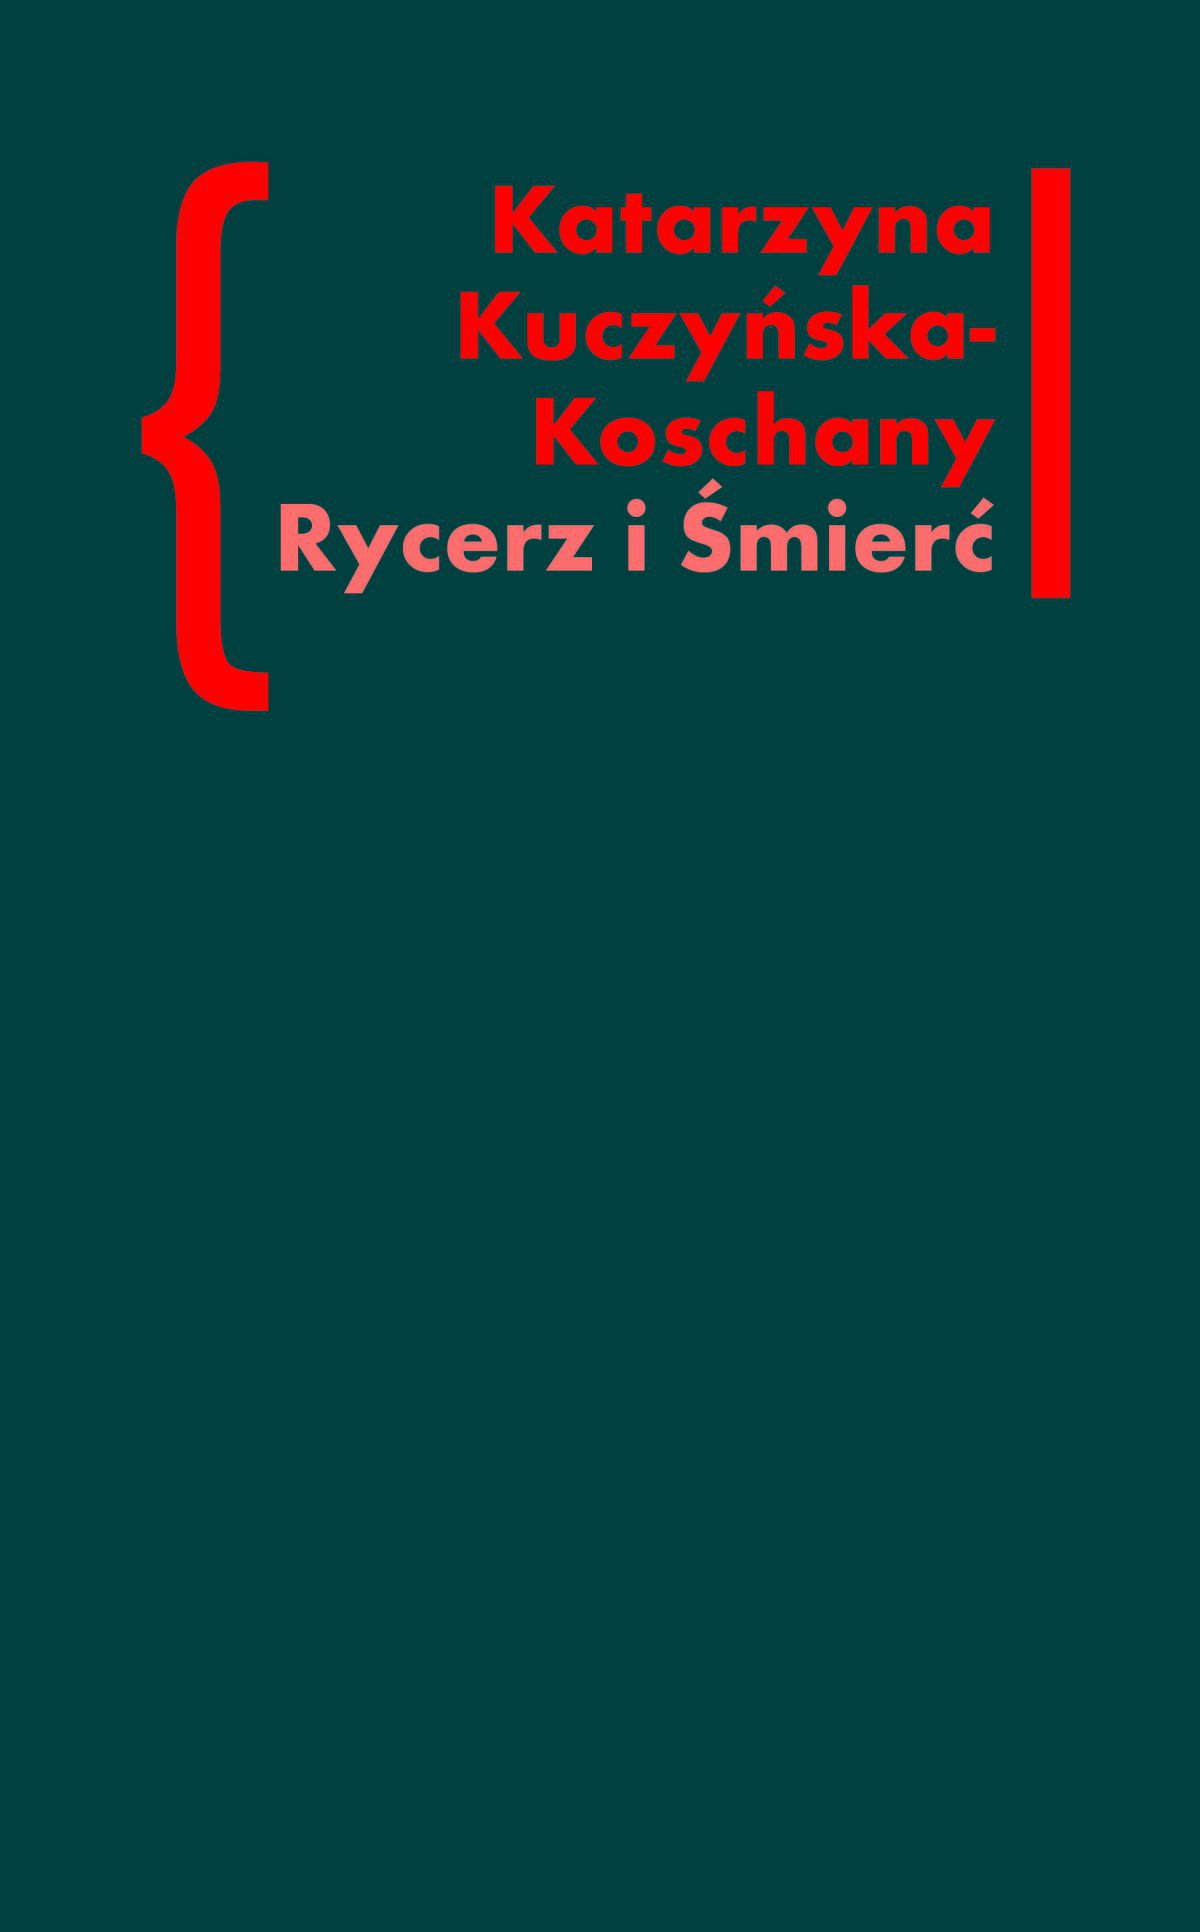 """Rycerz i Śmierć. O """"Elegiach duinejskich"""" Rainera Marii Rilkego - Ebook (Książka EPUB) do pobrania w formacie EPUB"""